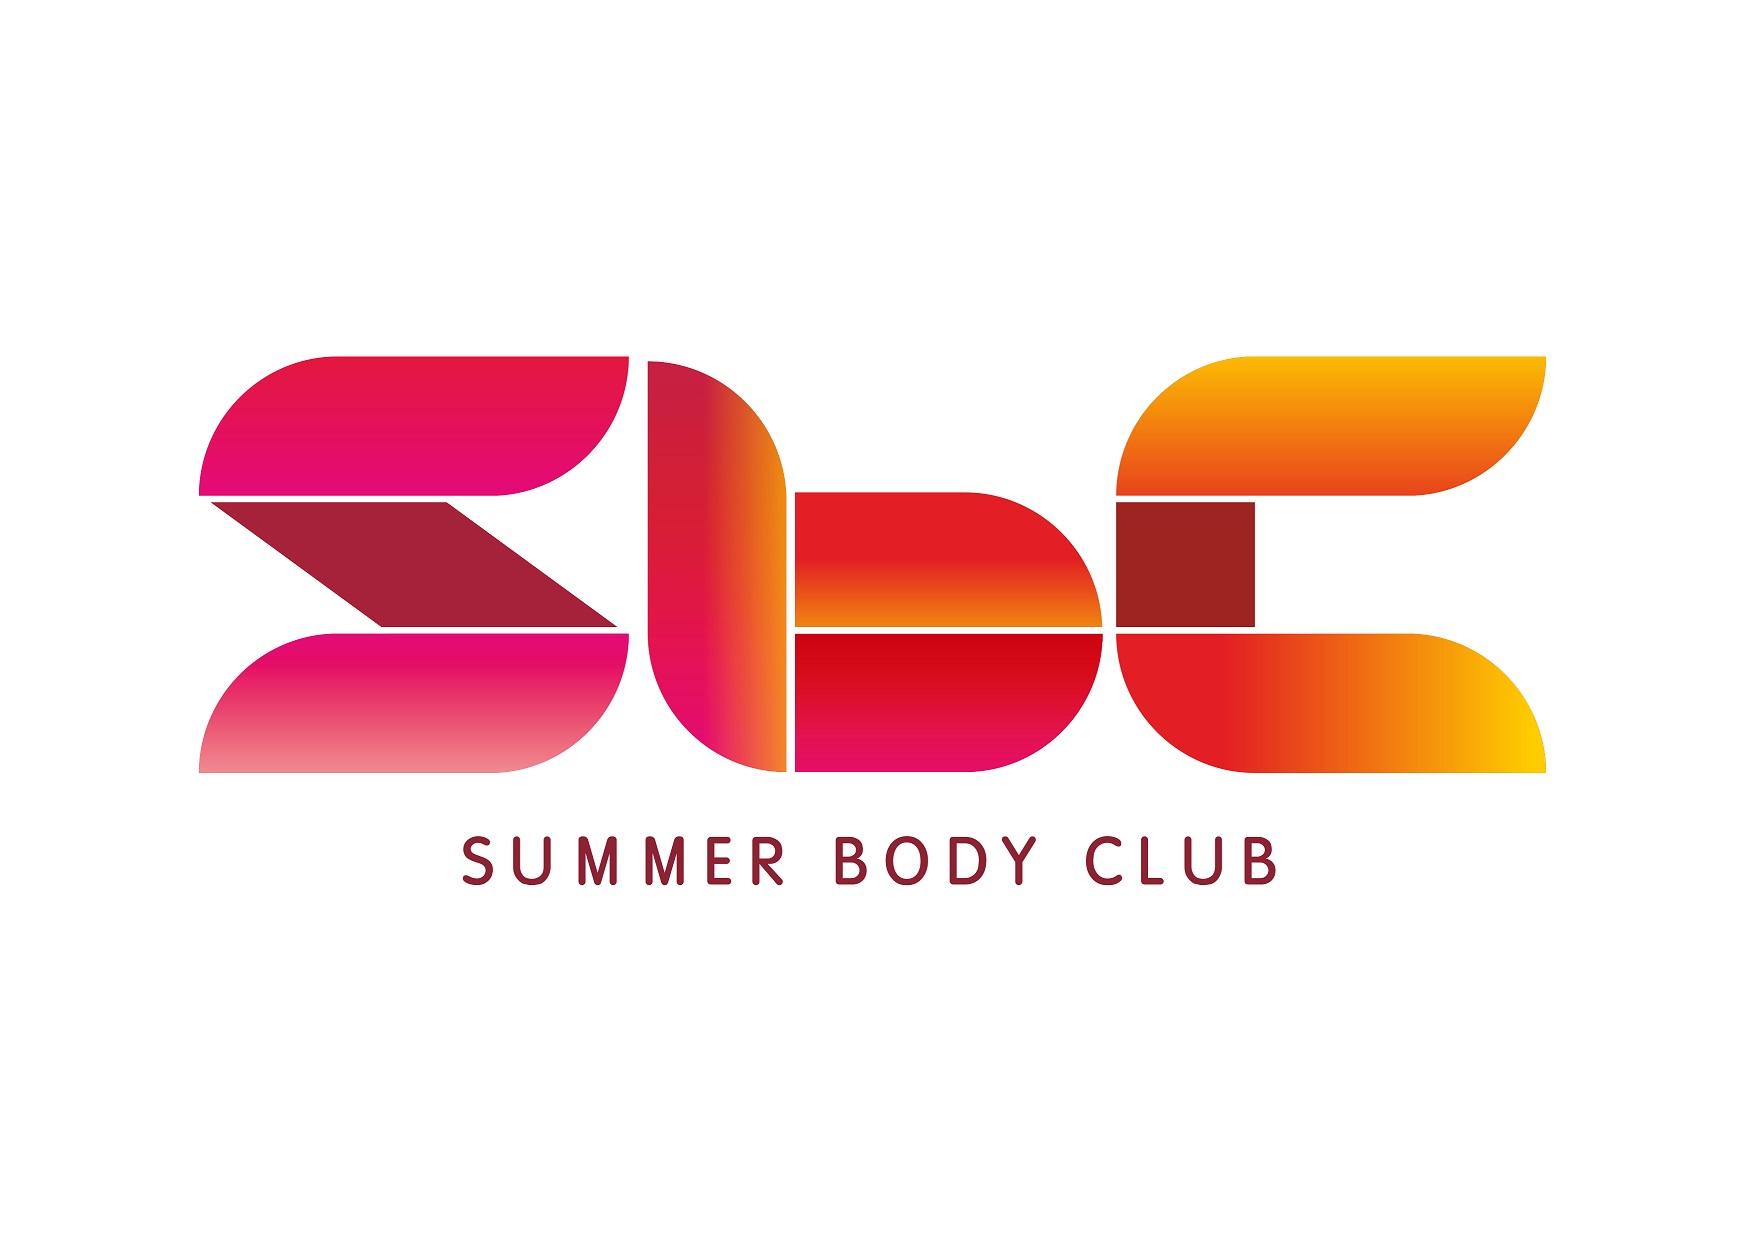 Summer Body Club